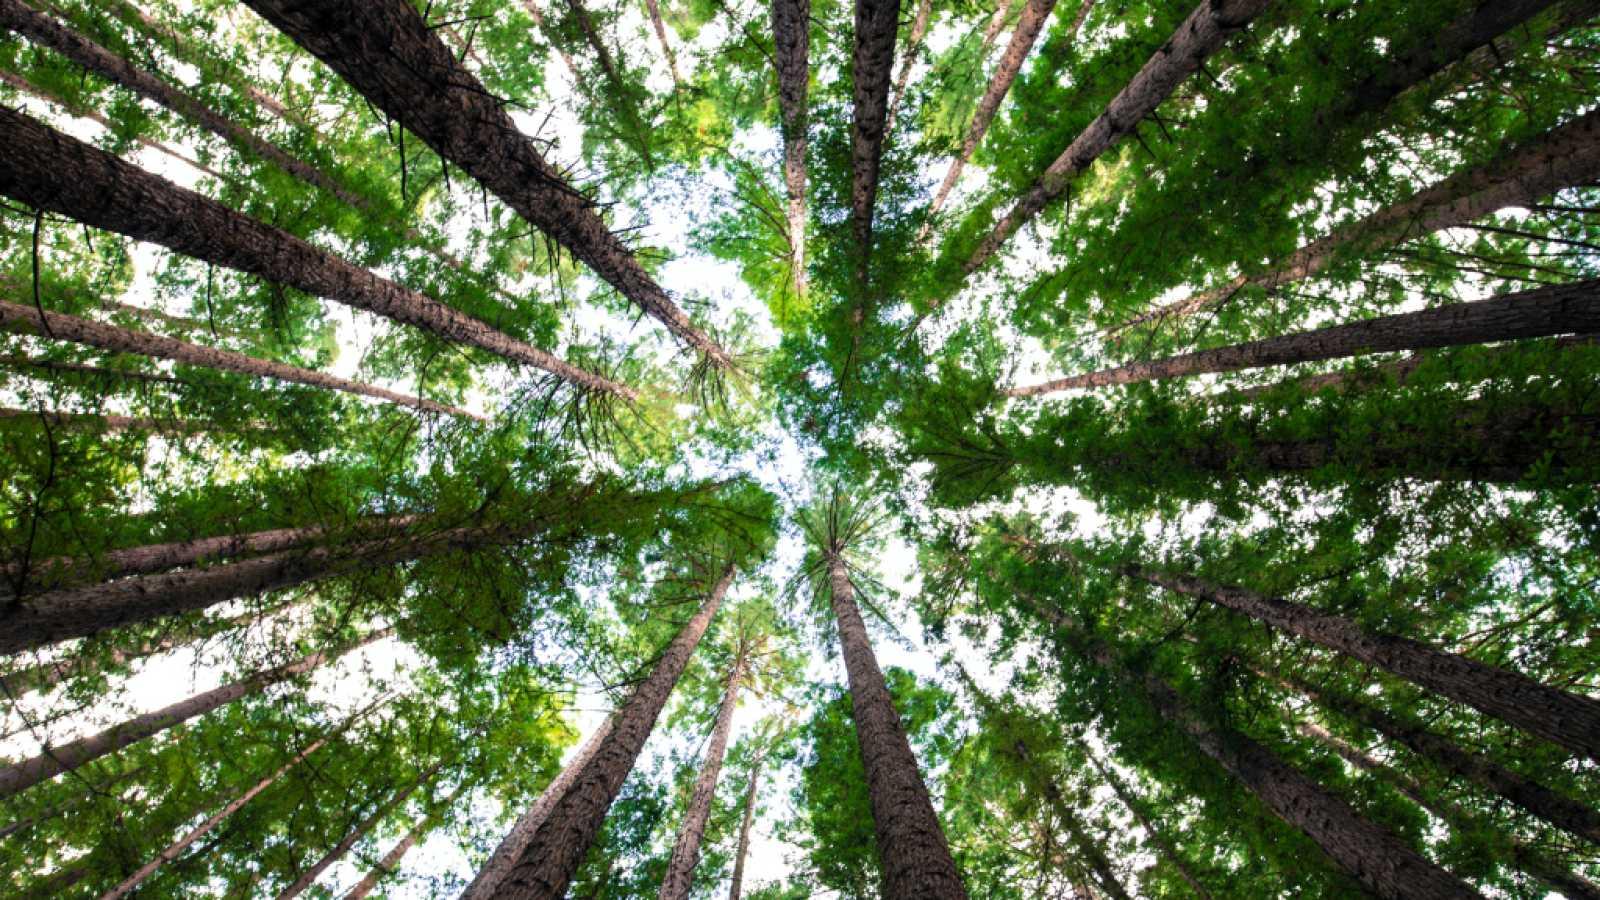 Así es Ecosia, el buscador ecológico que planta y protege árboles